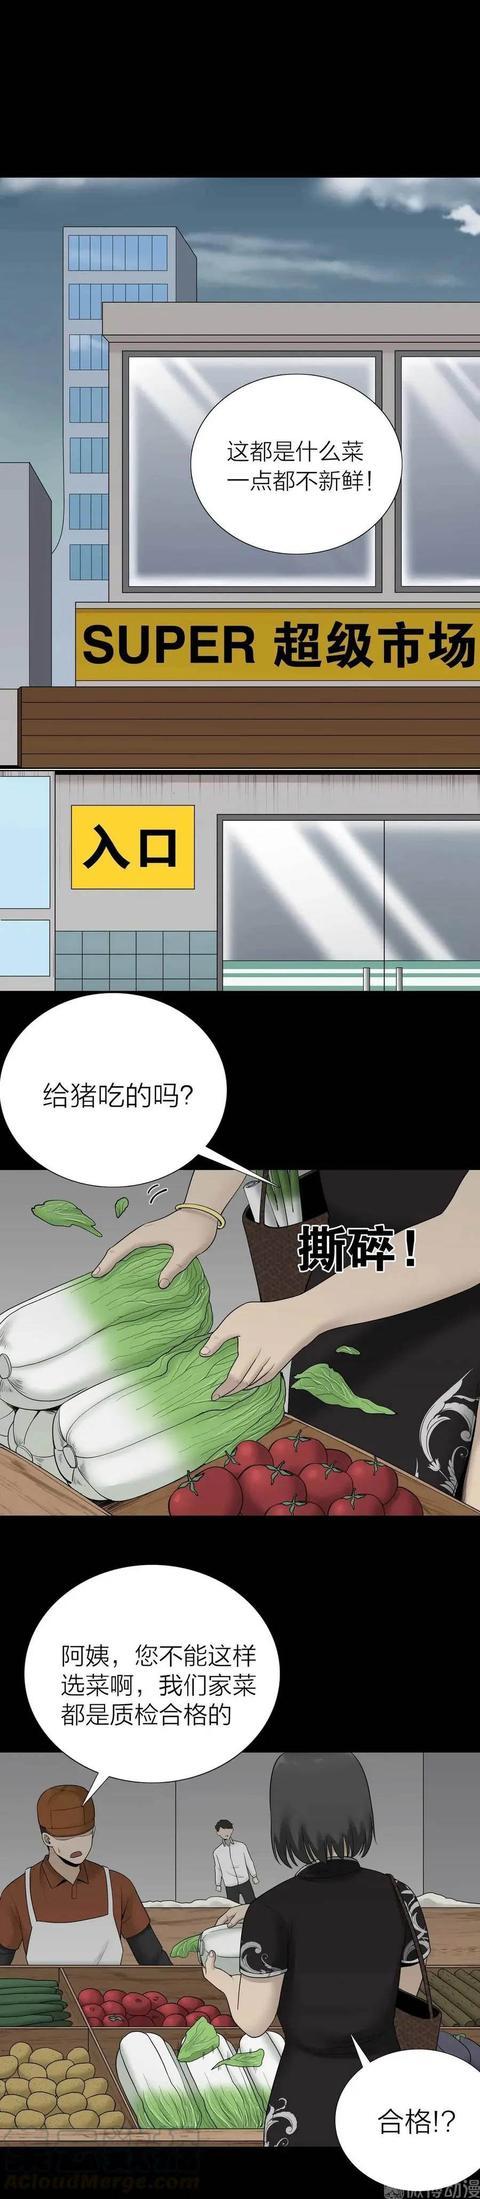 最新漫画,爱占便宜的大妈 (人性漫画)